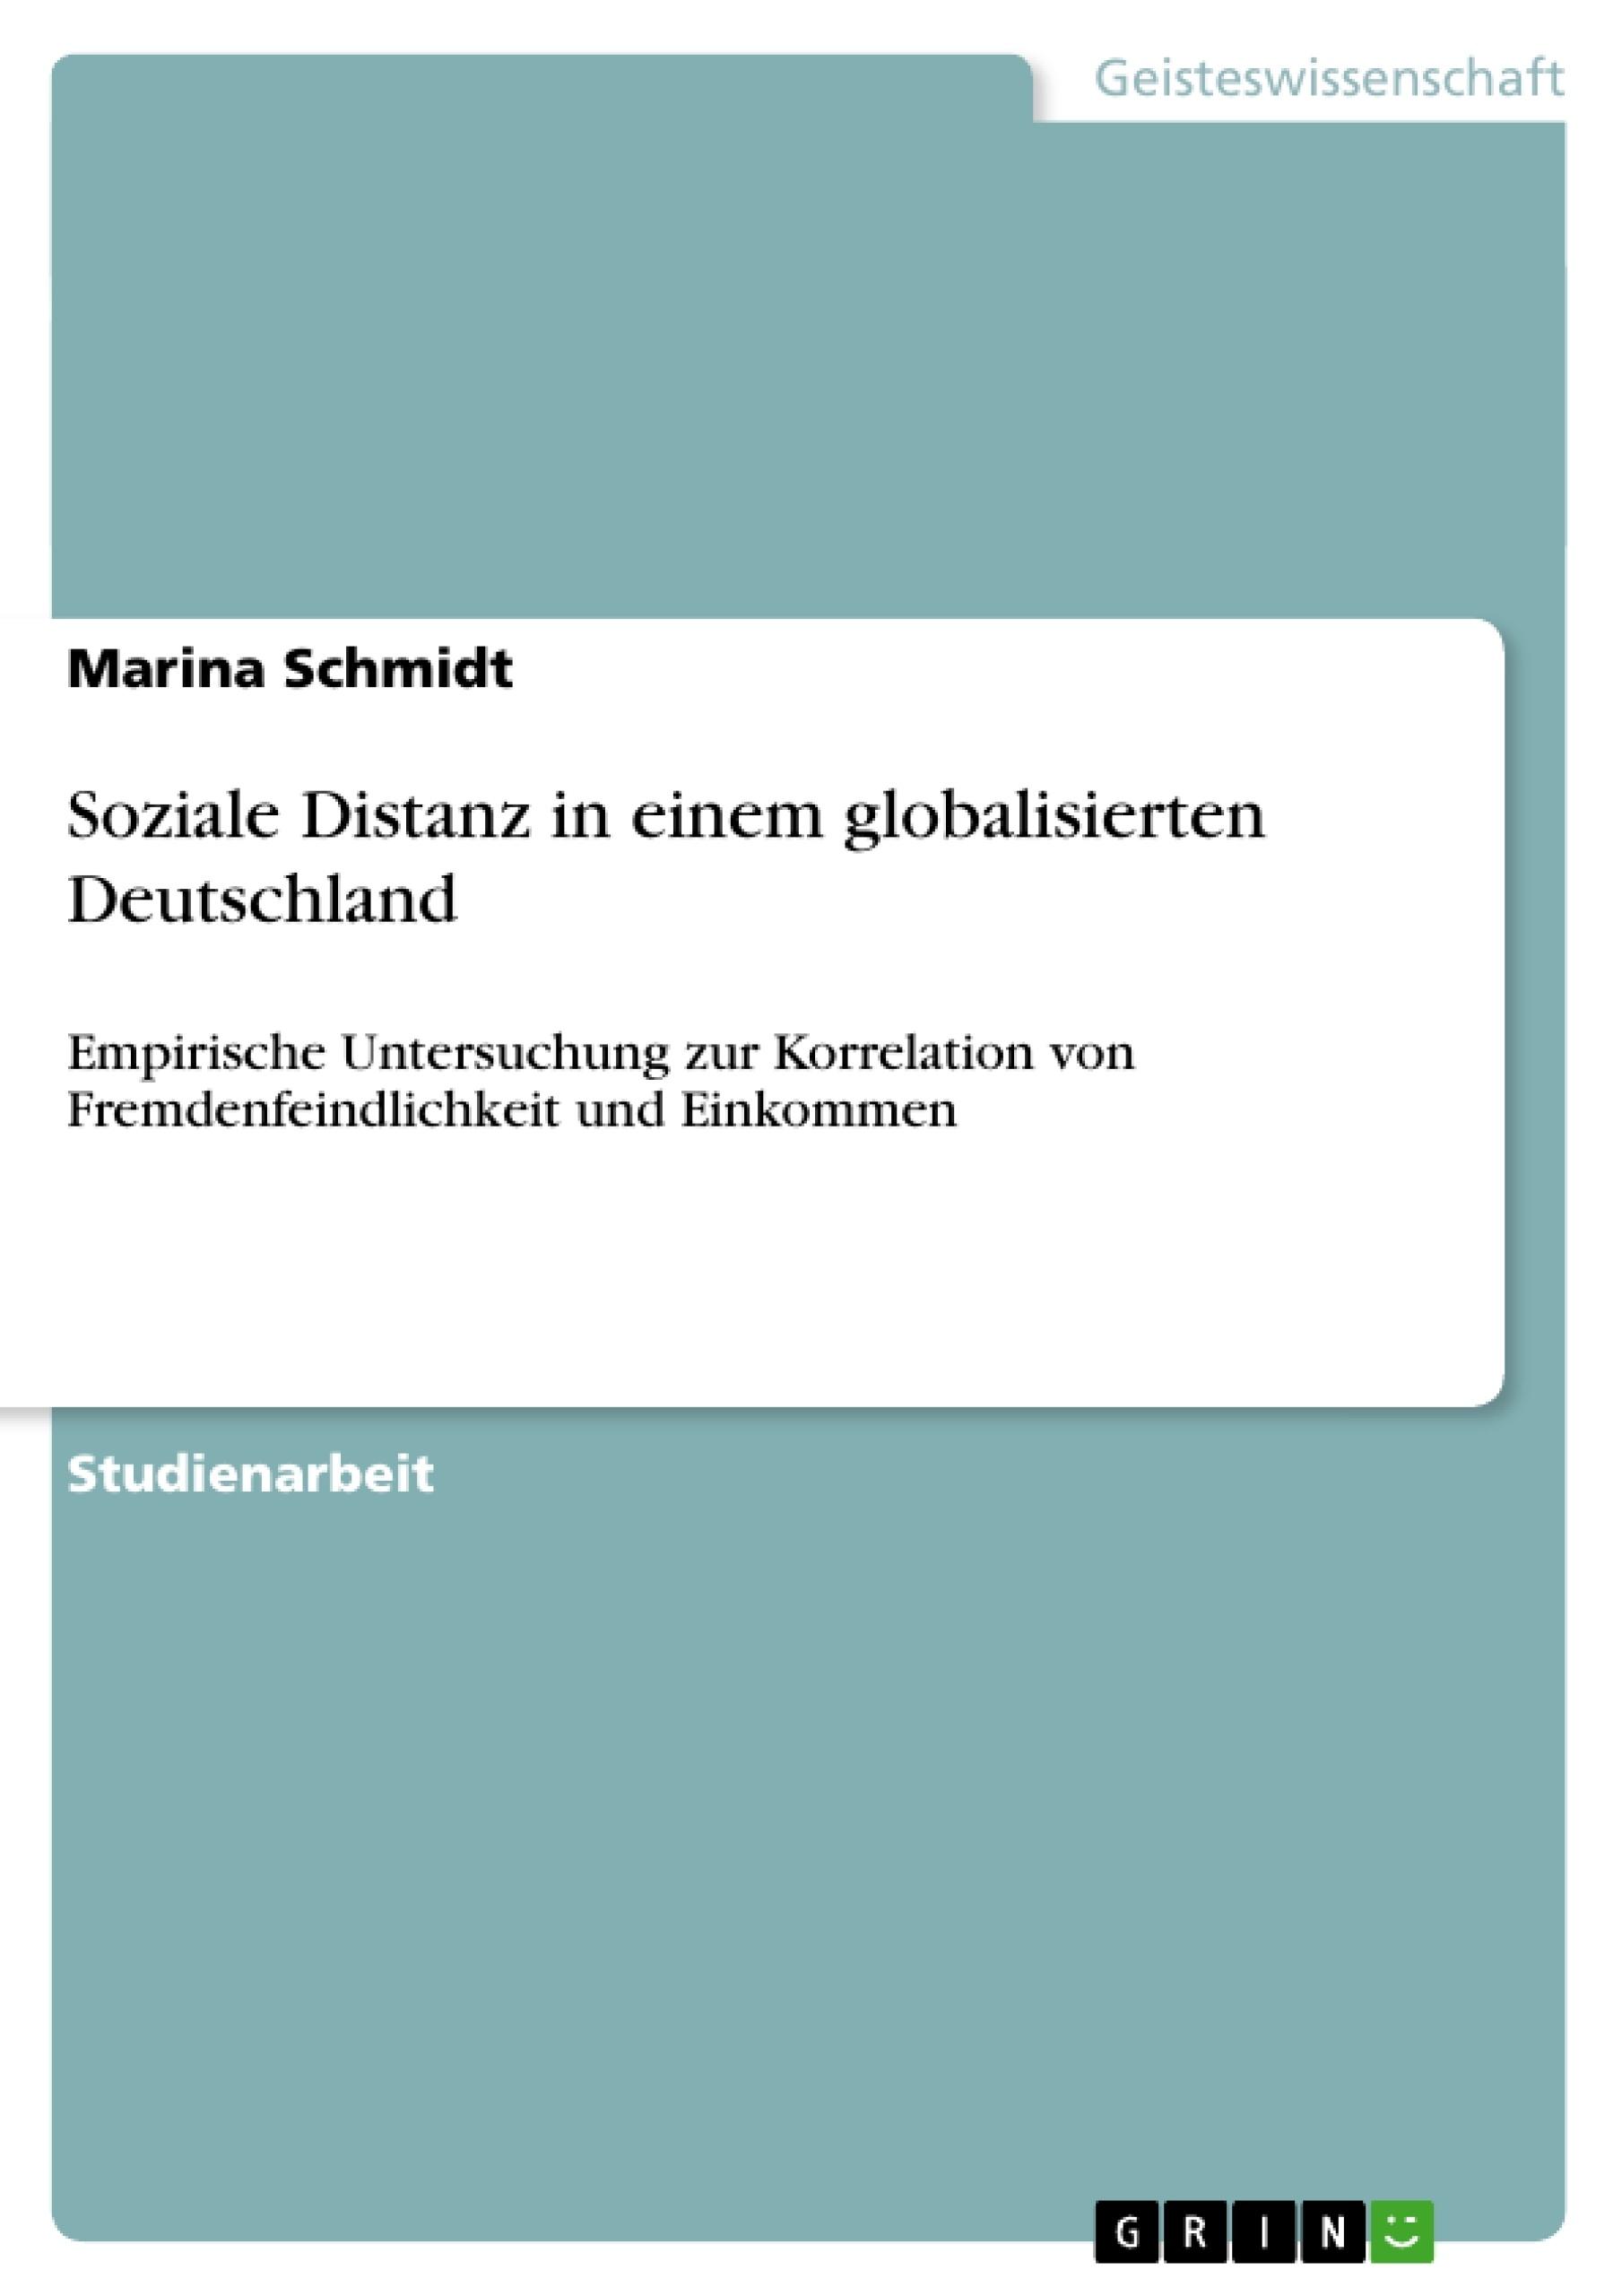 Titel: Soziale Distanz in einem globalisierten Deutschland